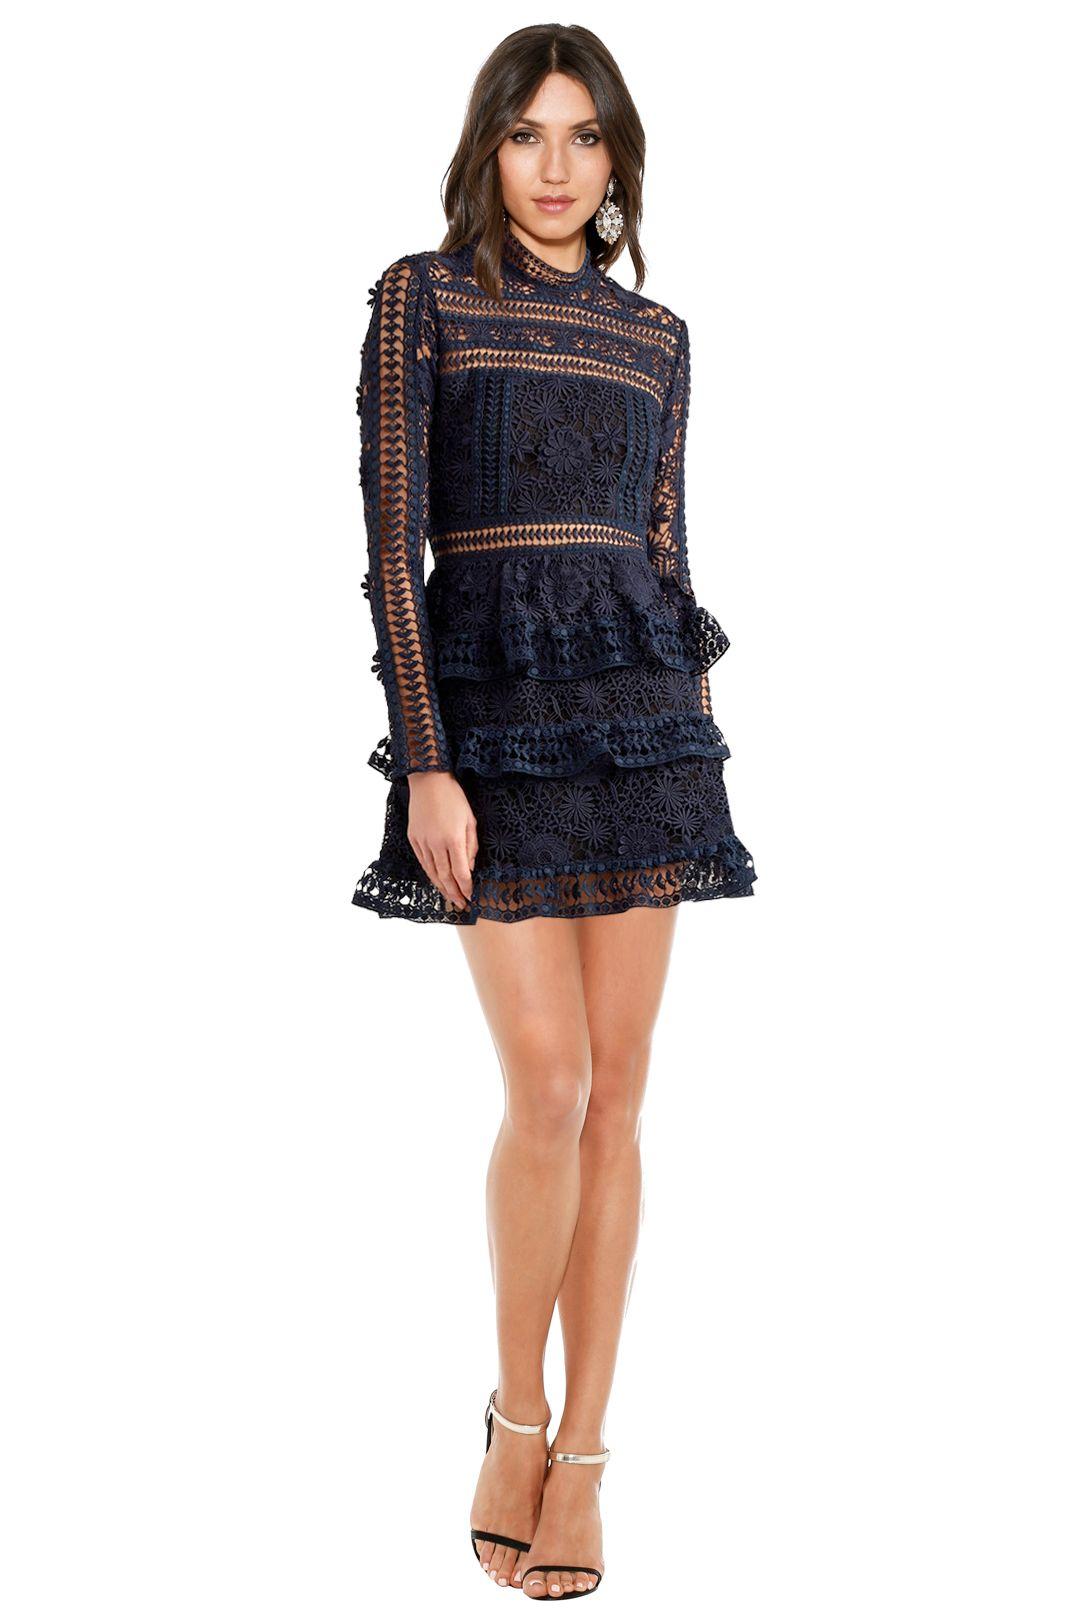 Self-Portrait - Ava Guipure Lace Mini Dress - Navy - Front